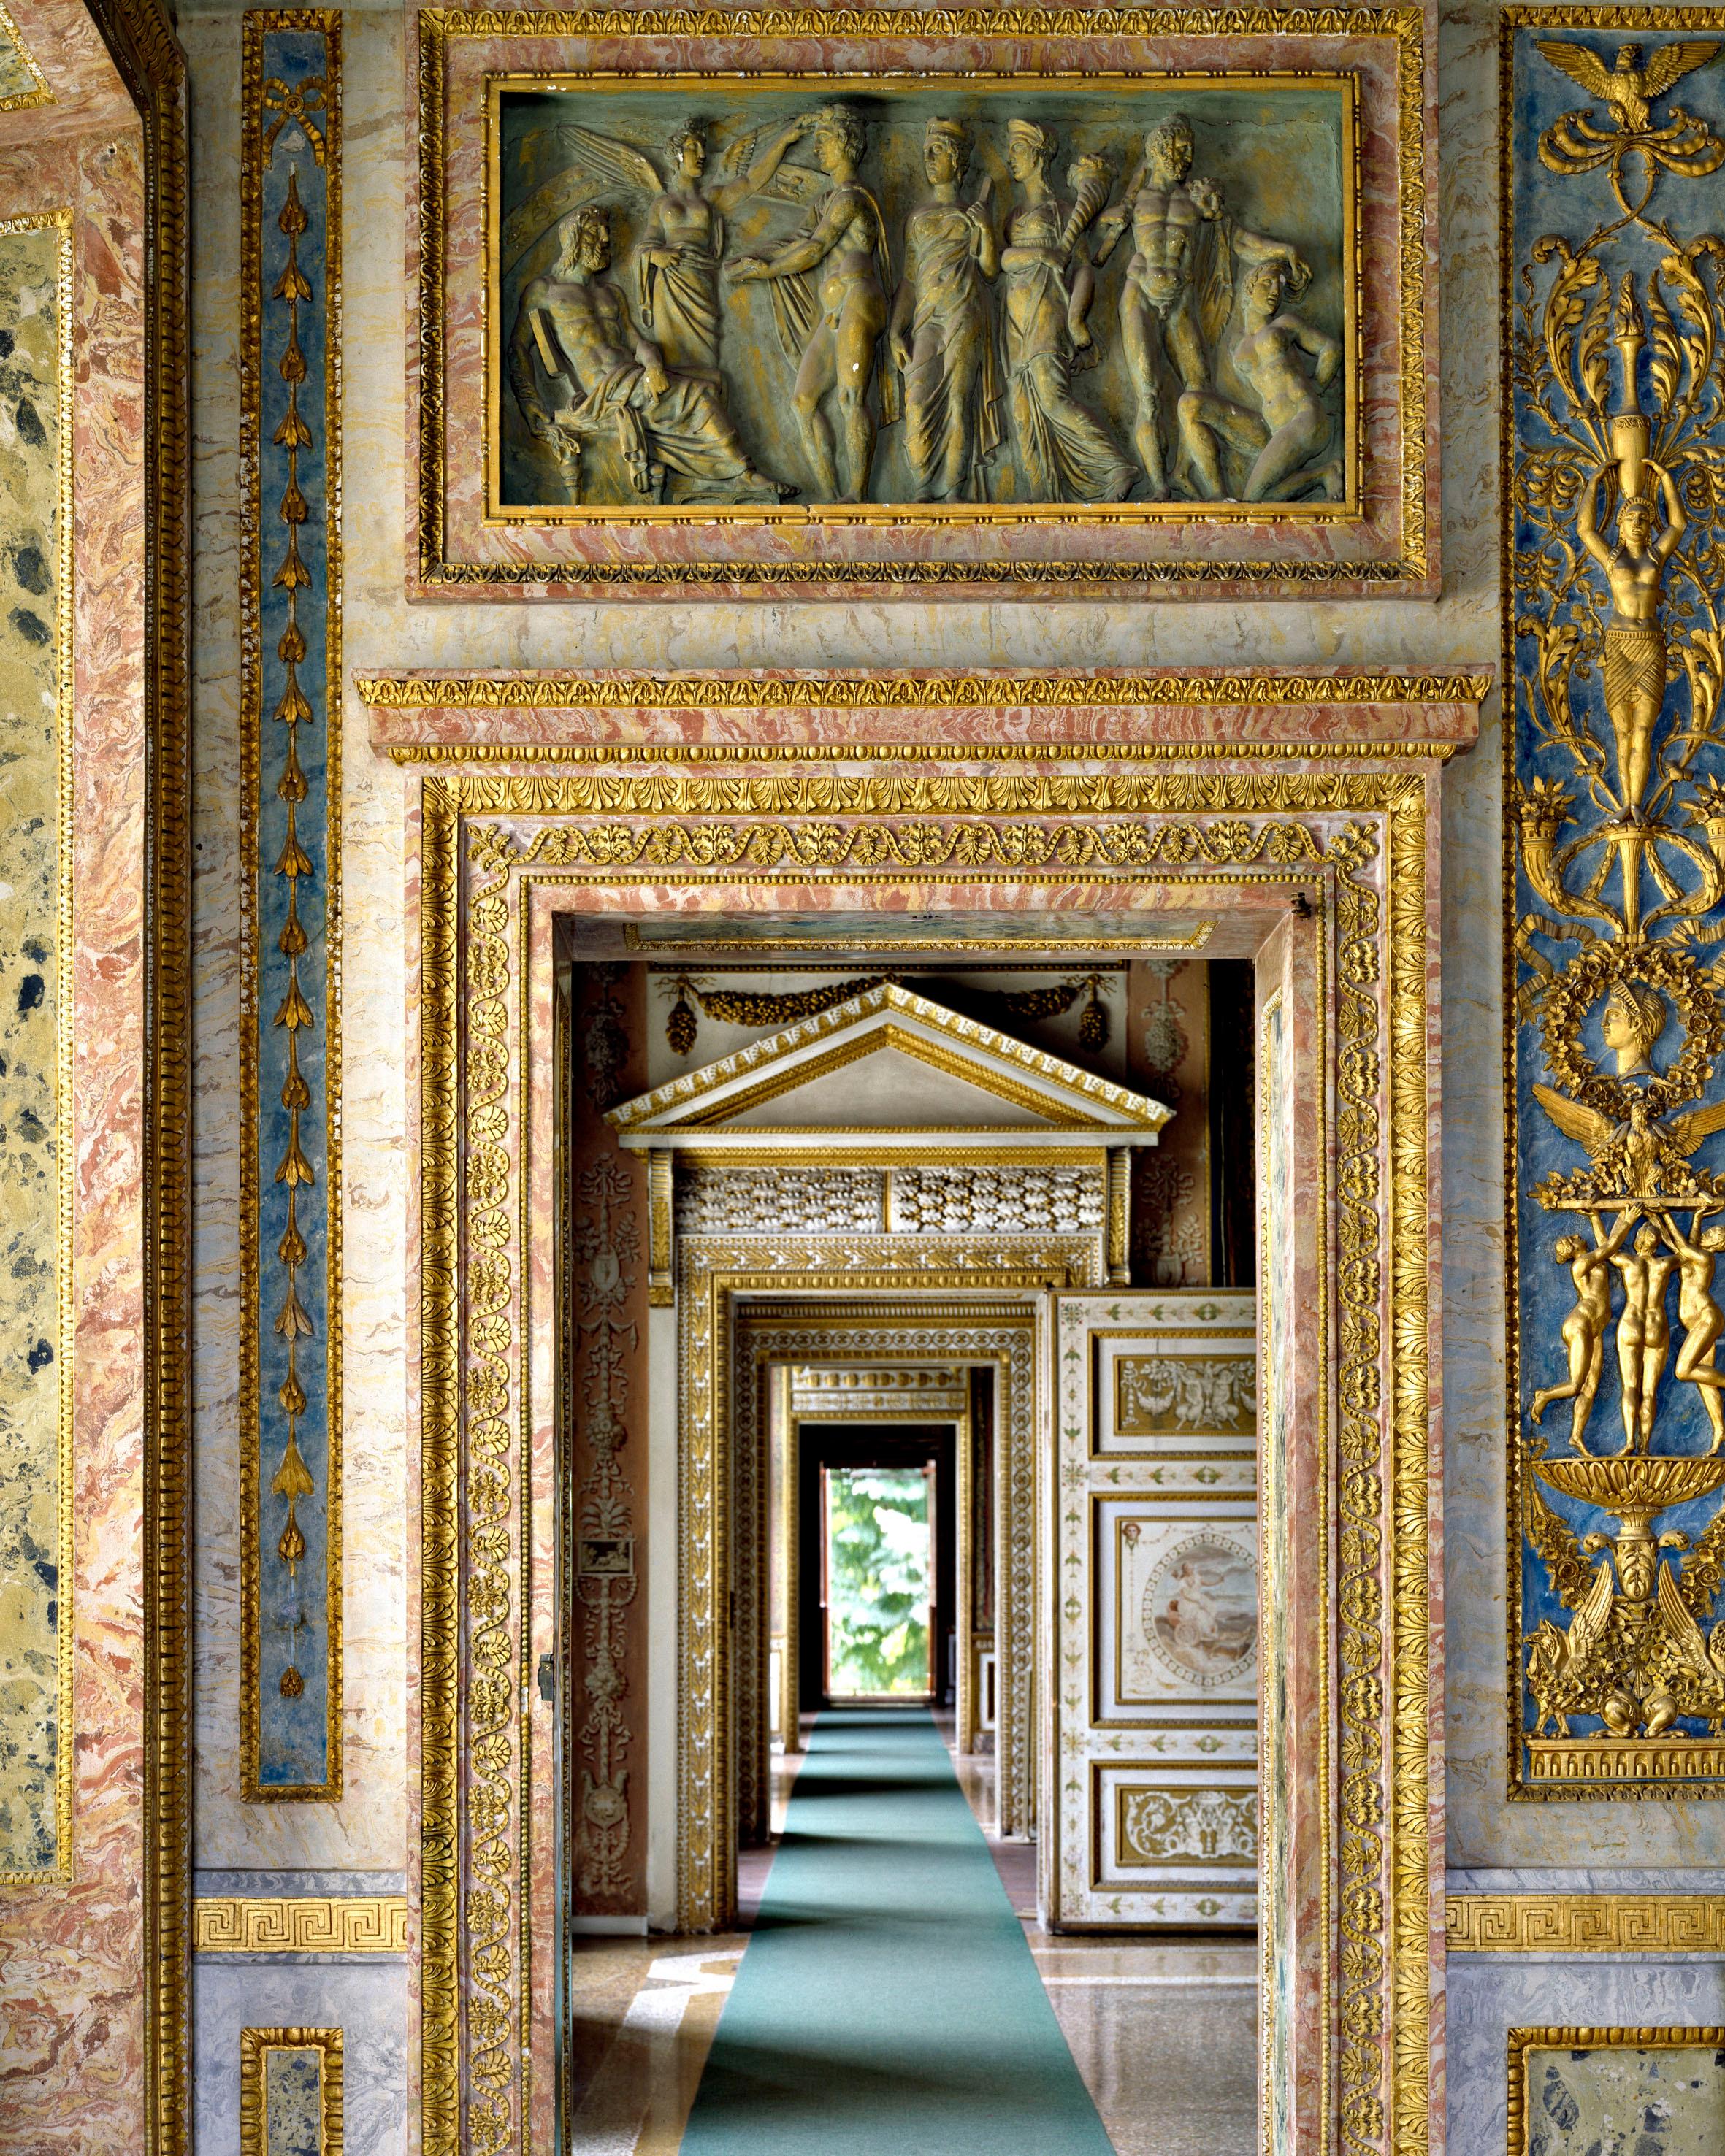 Palazzo Ducale, Appartamento degli Arazzi, Mantova